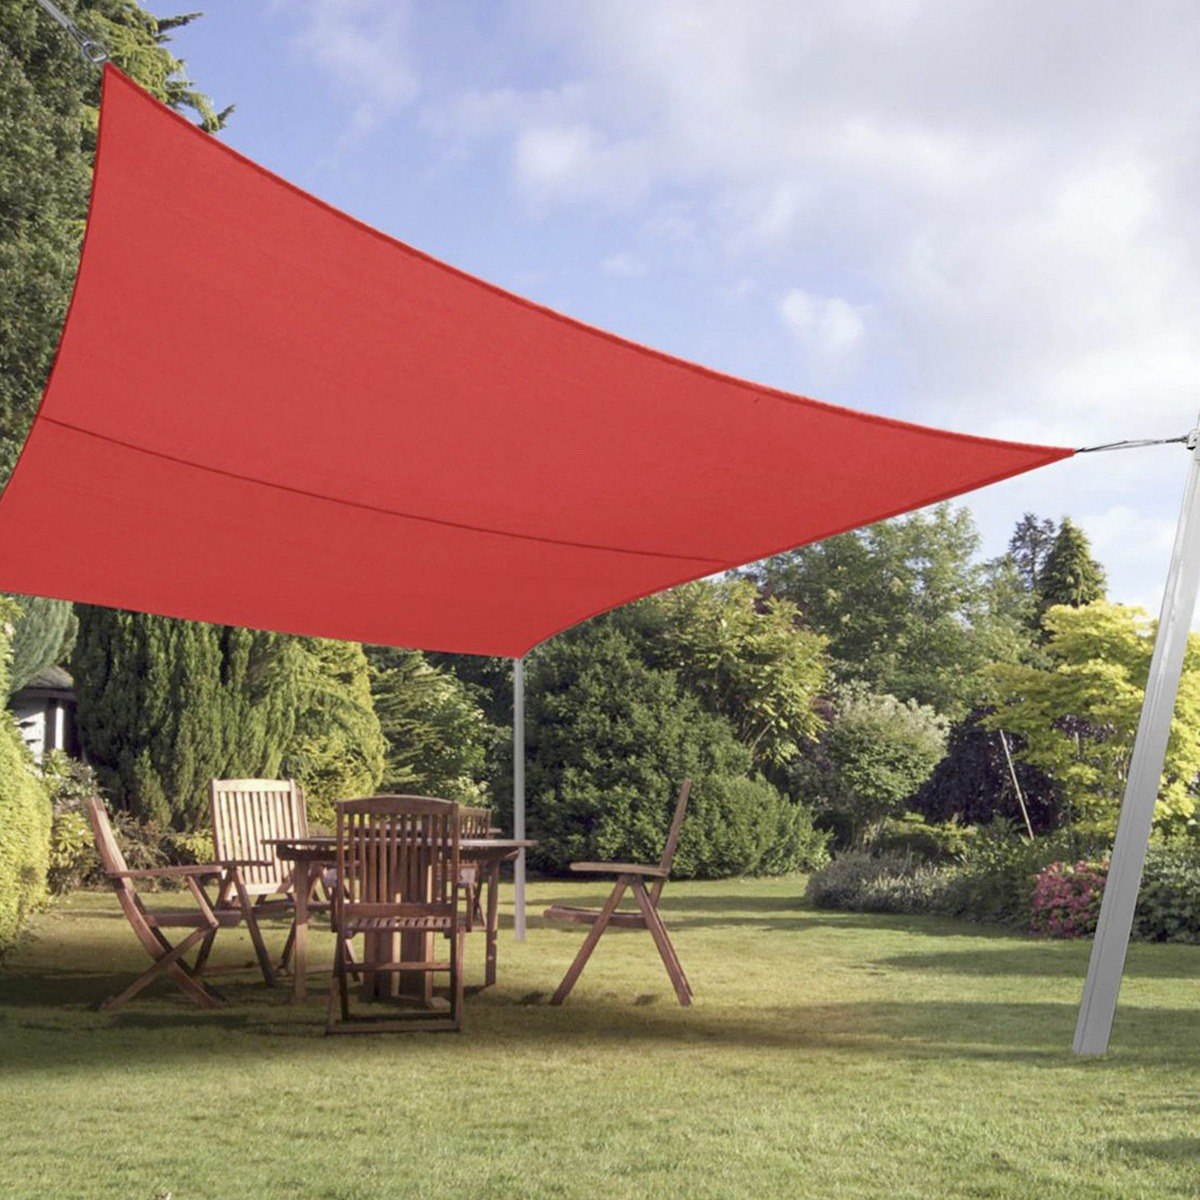 Tela Toldo Sombreamento Shade Vermelho Retangular 2x2m